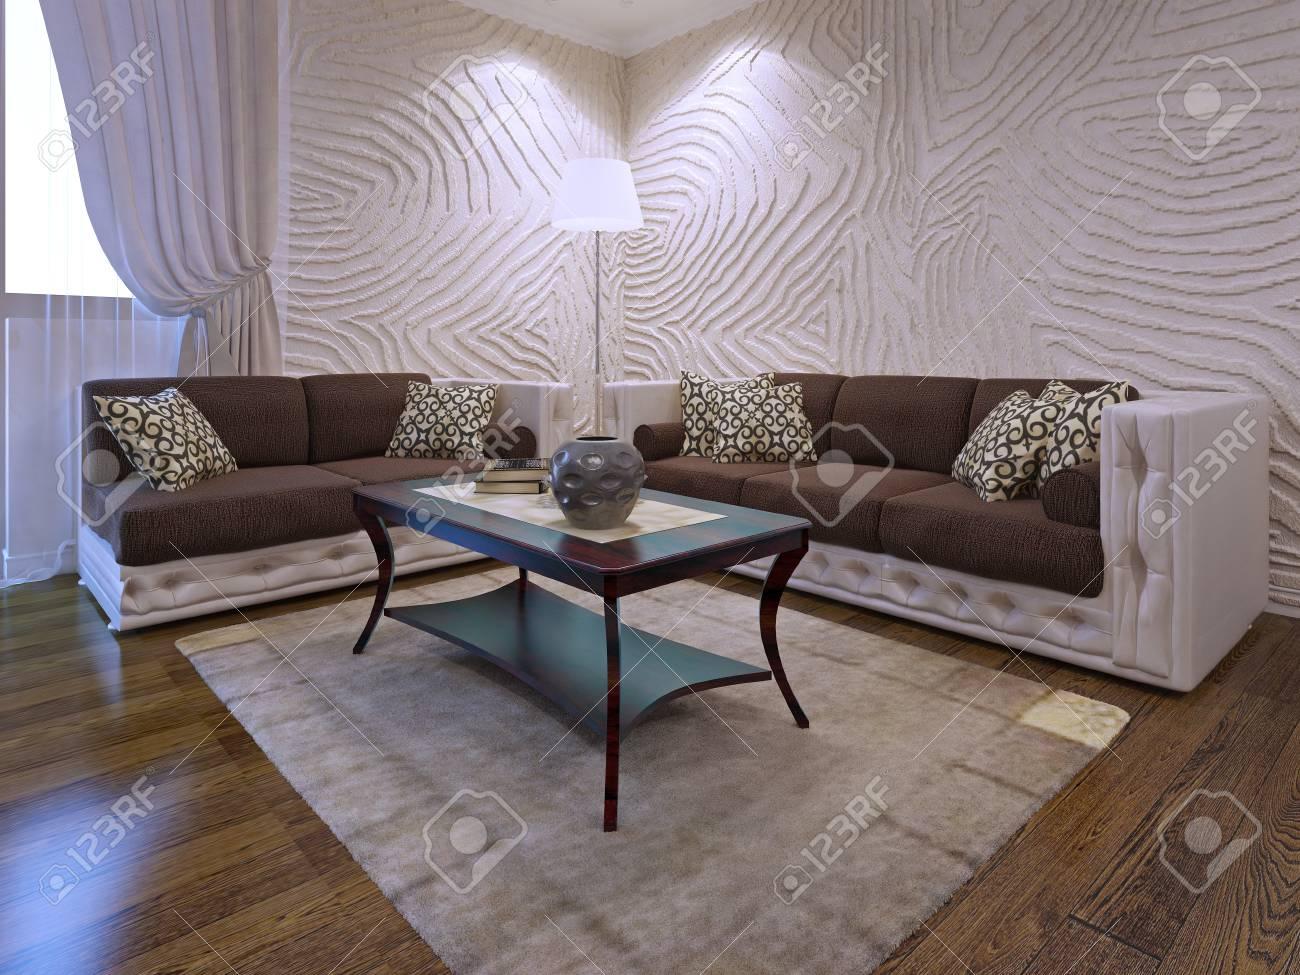 Elegantes Wohnzimmer Möbel Set. Zwei Braune Sofas Mit Lederteilen. Mahagoni  Holztisch. 3d